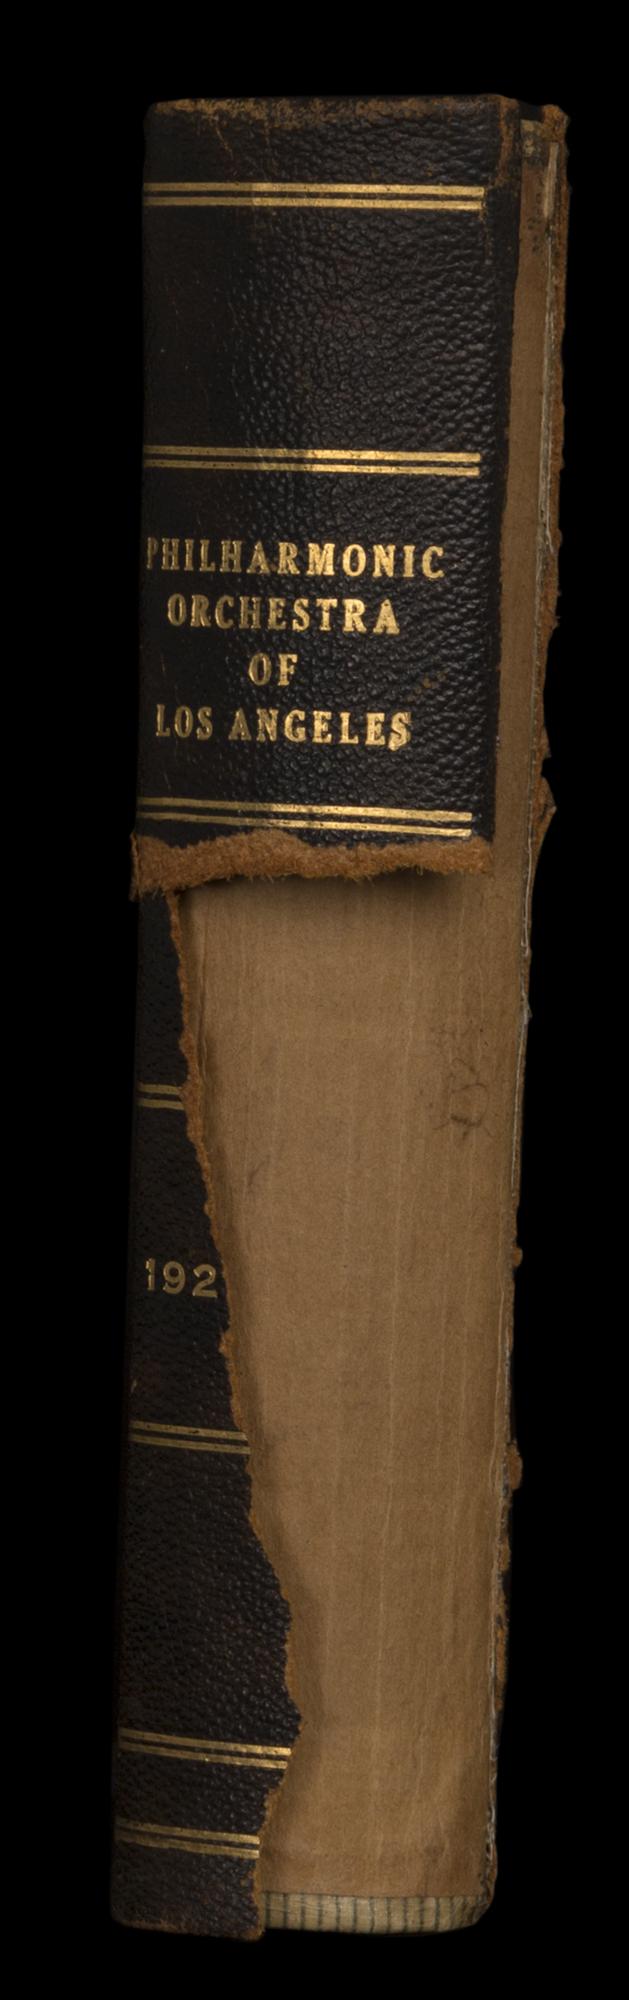 LAPO_ProgramBook_Spine_1927-1928.jpg